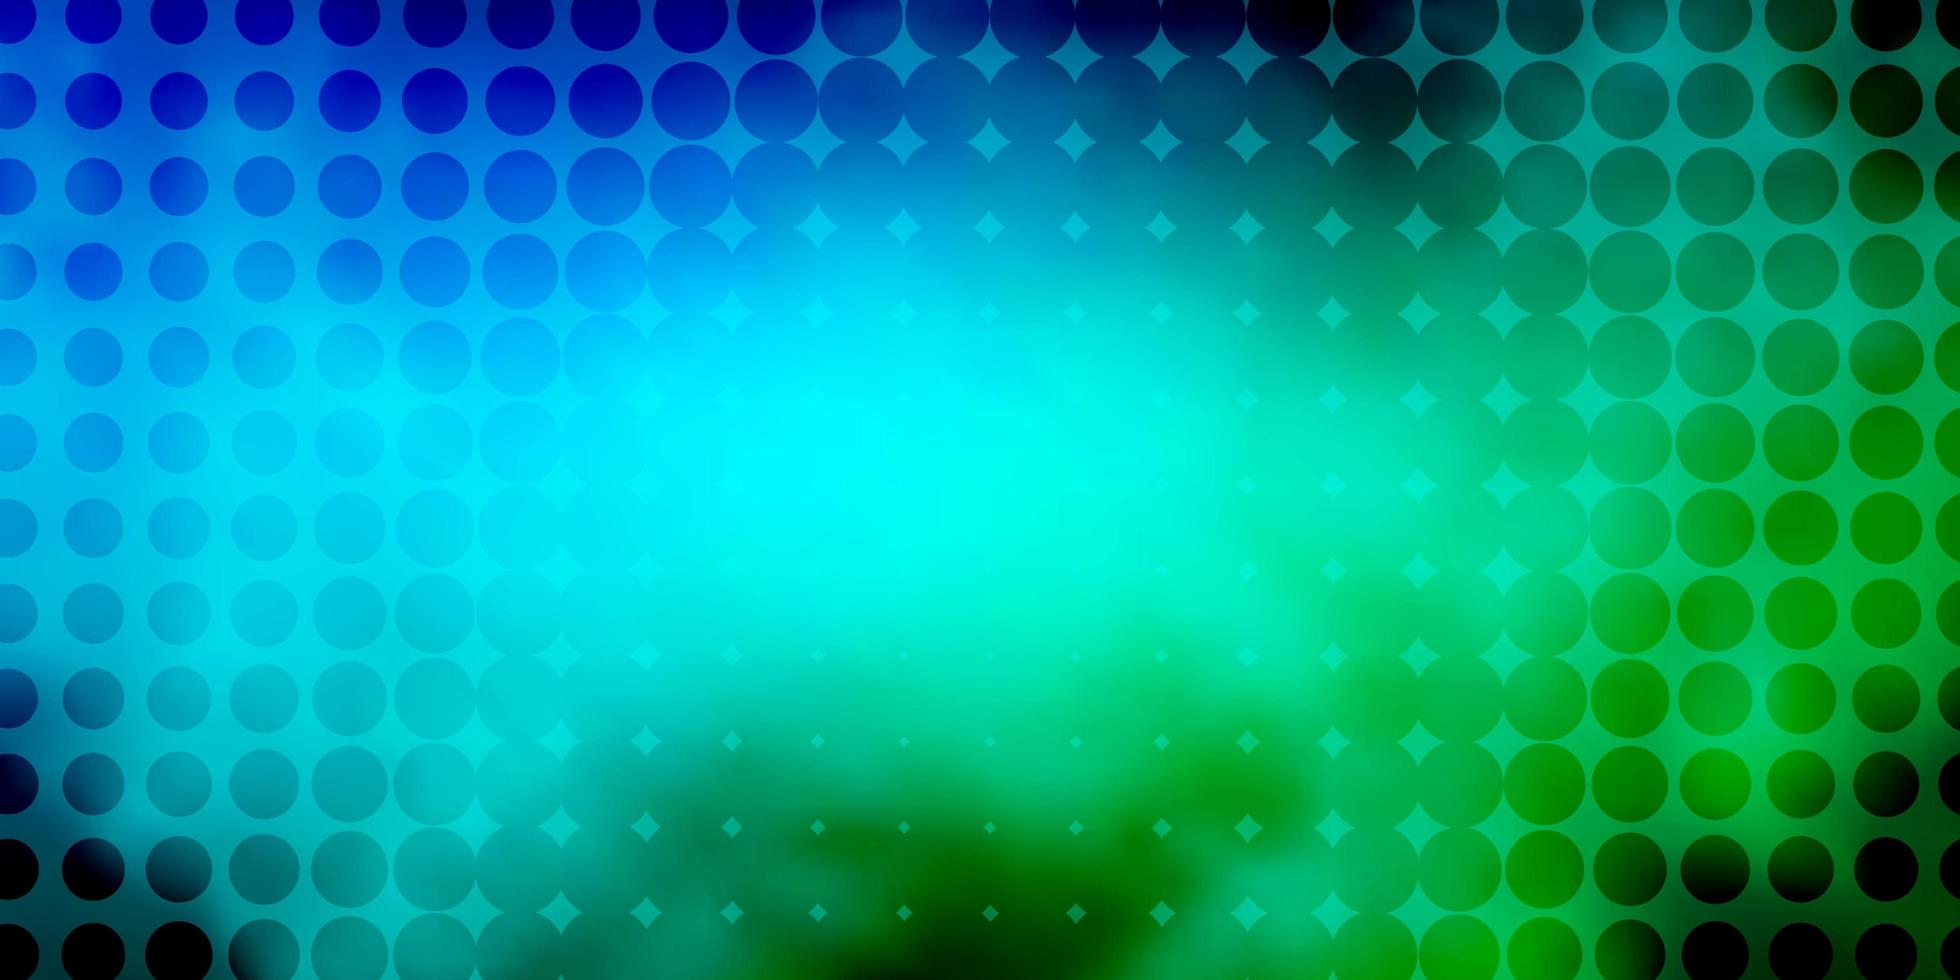 fond bleu et vert avec des cercles. vecteur